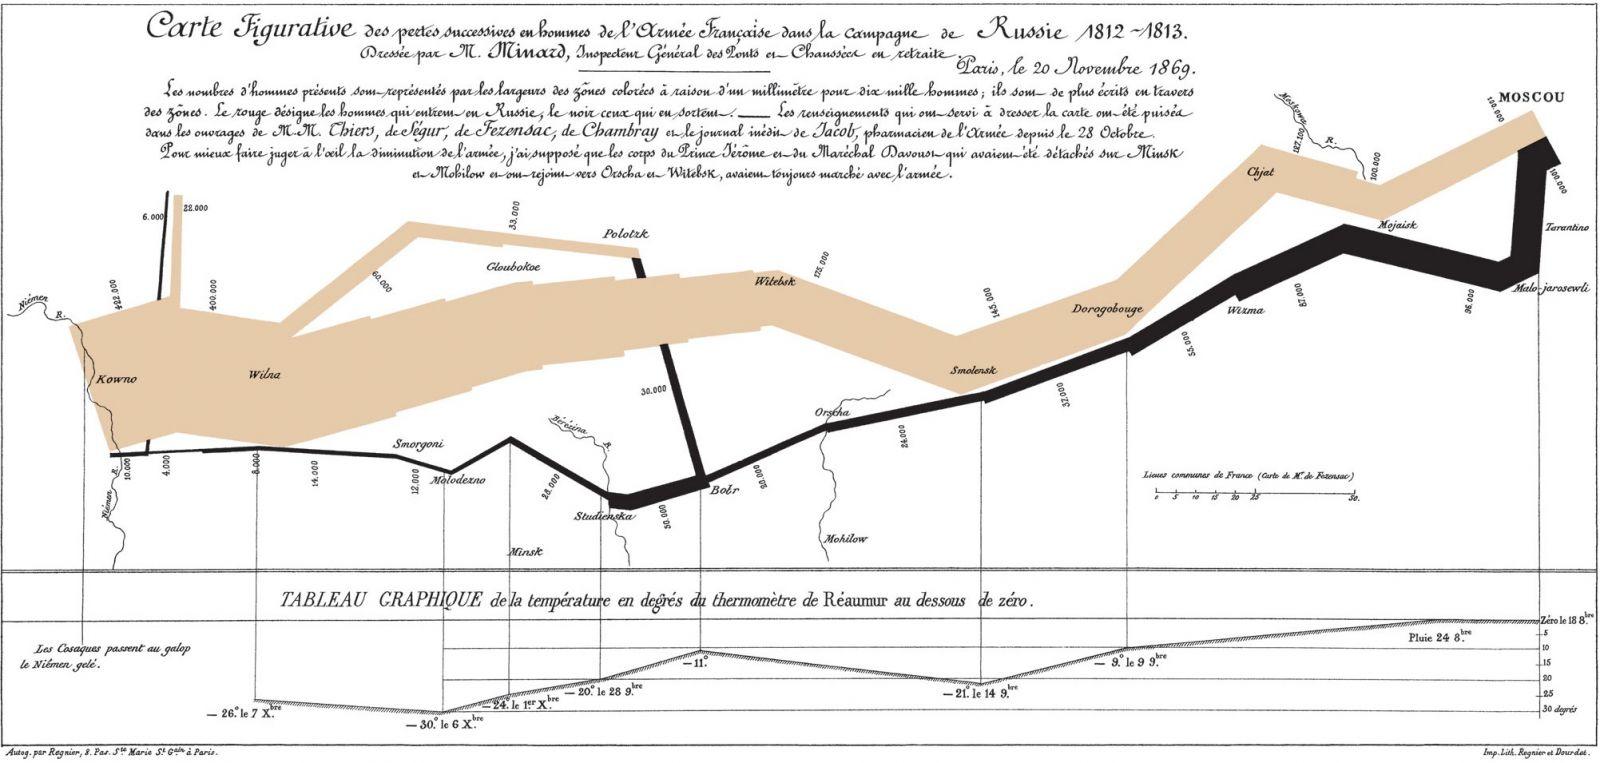 Minard Napoleon's Russia Campaign